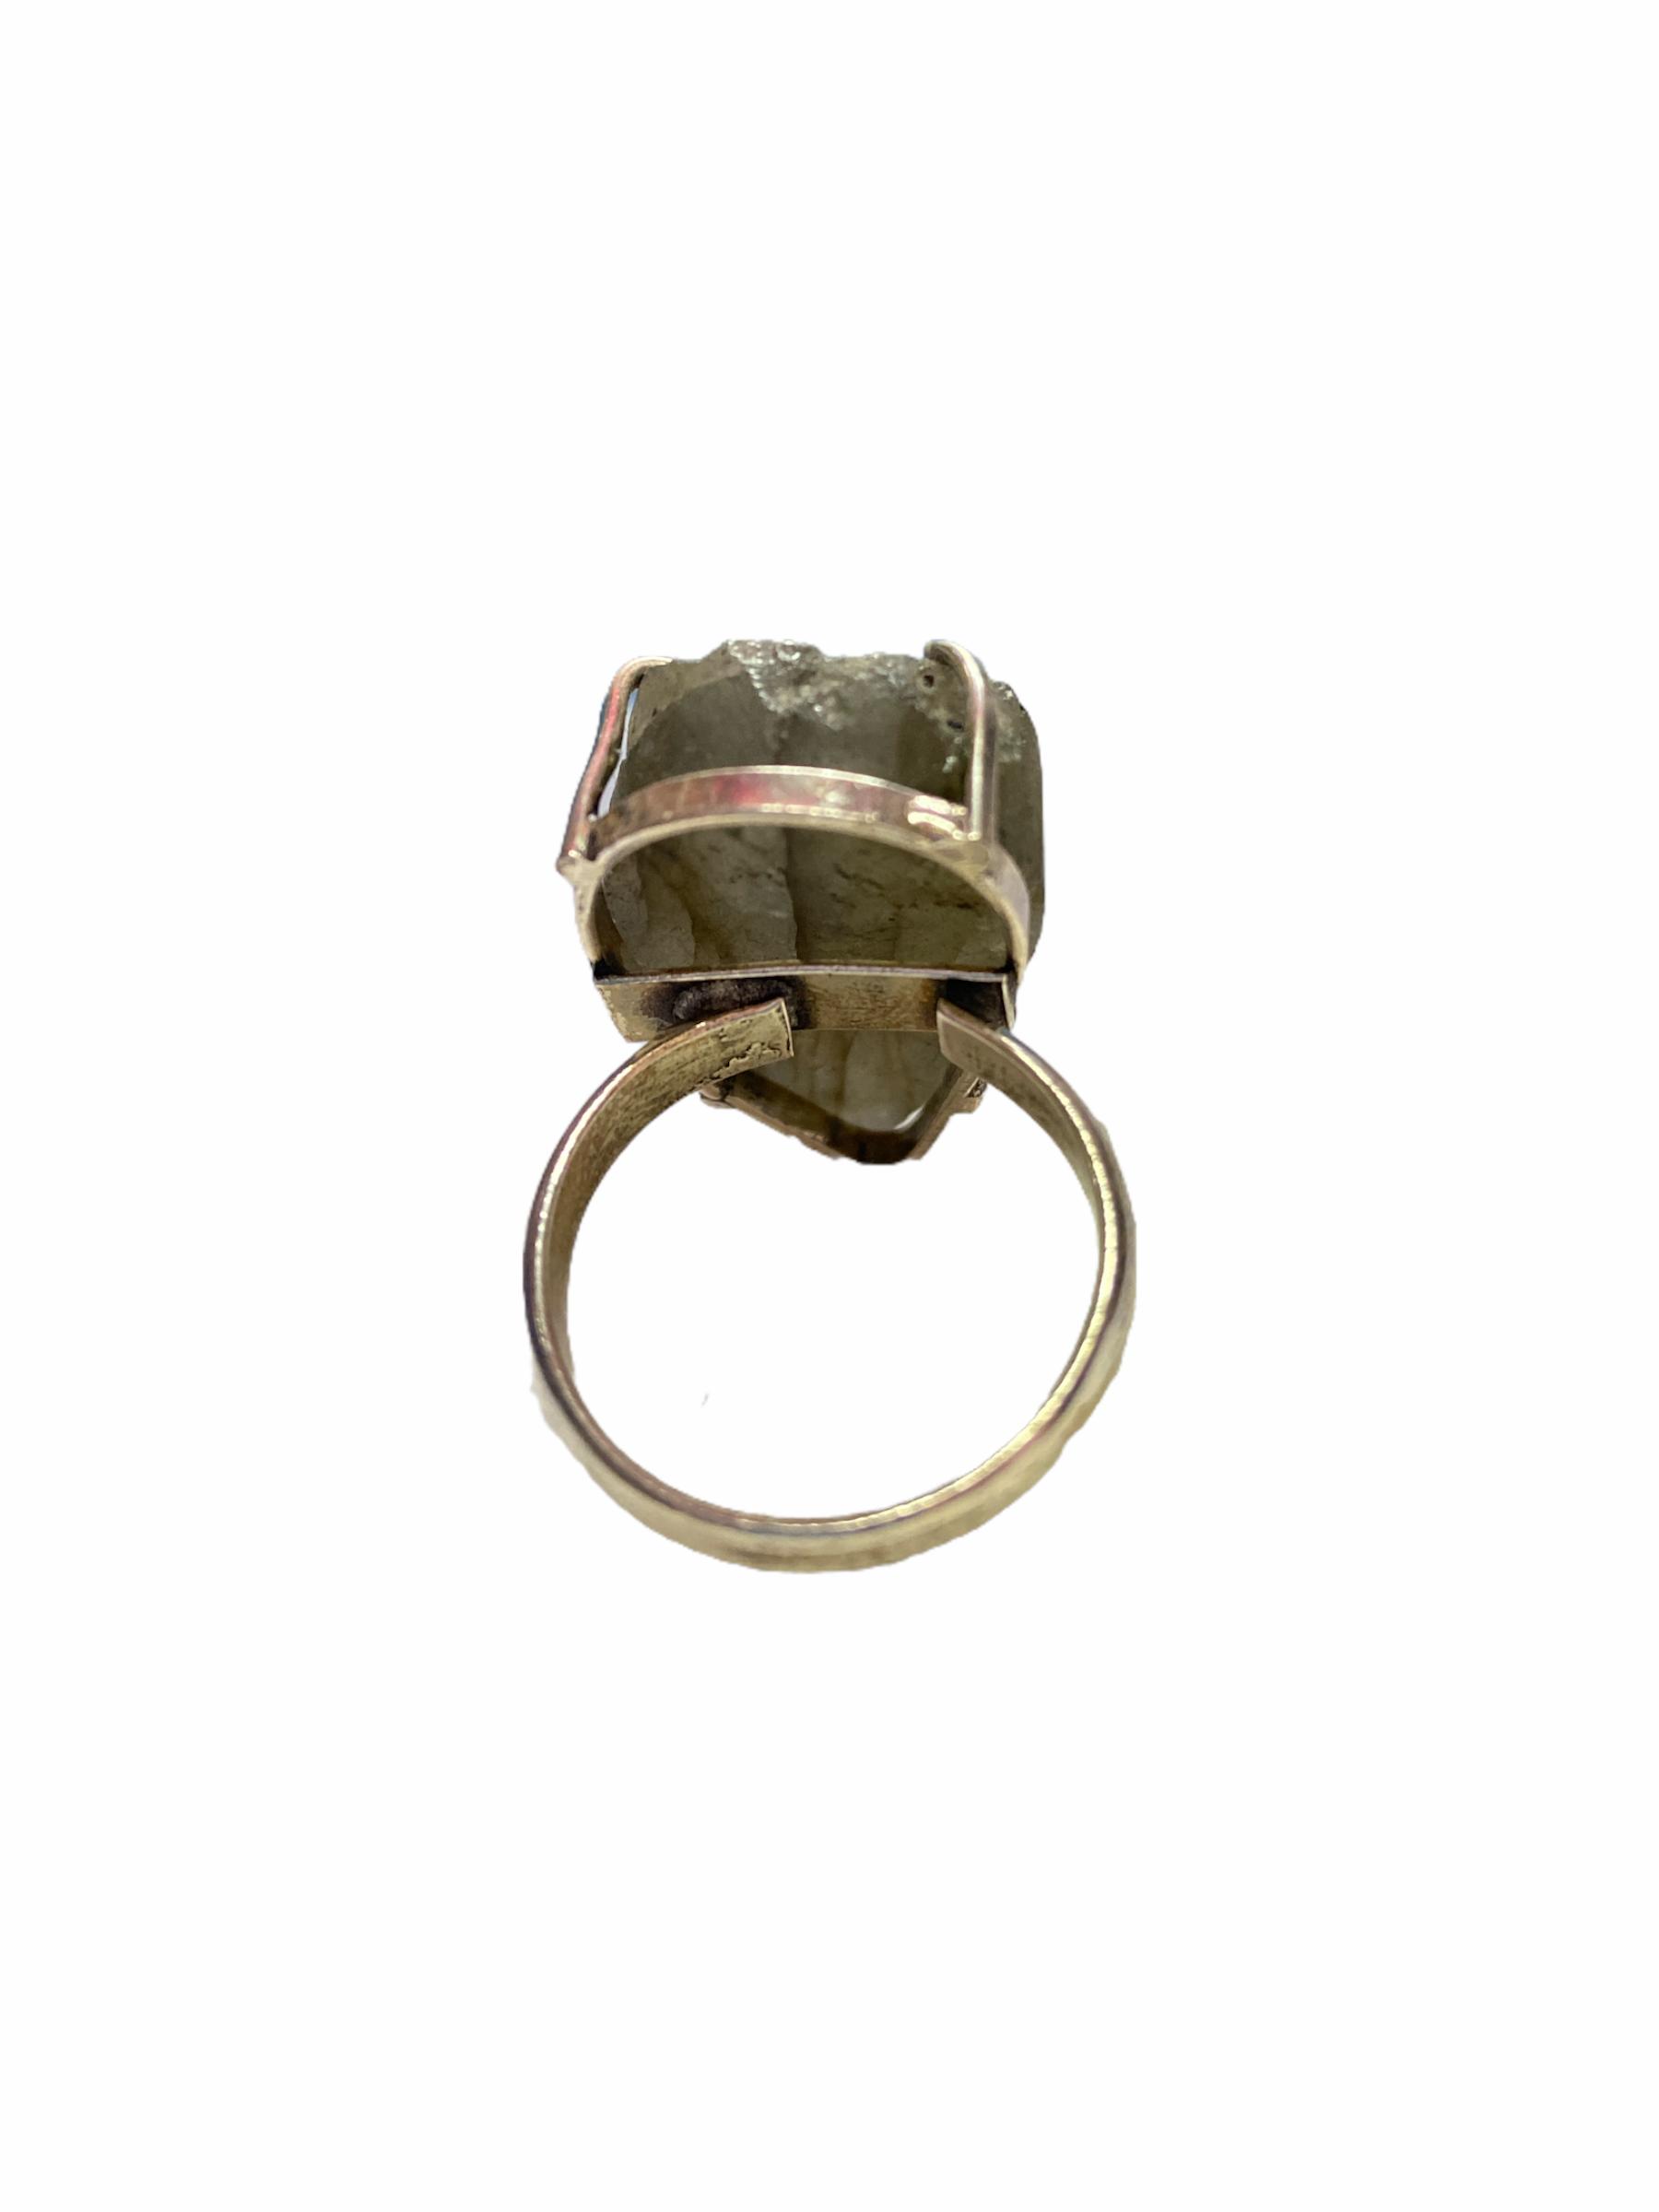 Δαχτυλίδι Χειροποίητο Ακατέργαστο Με Μωβ Λαμπραδορίτη Ασημί